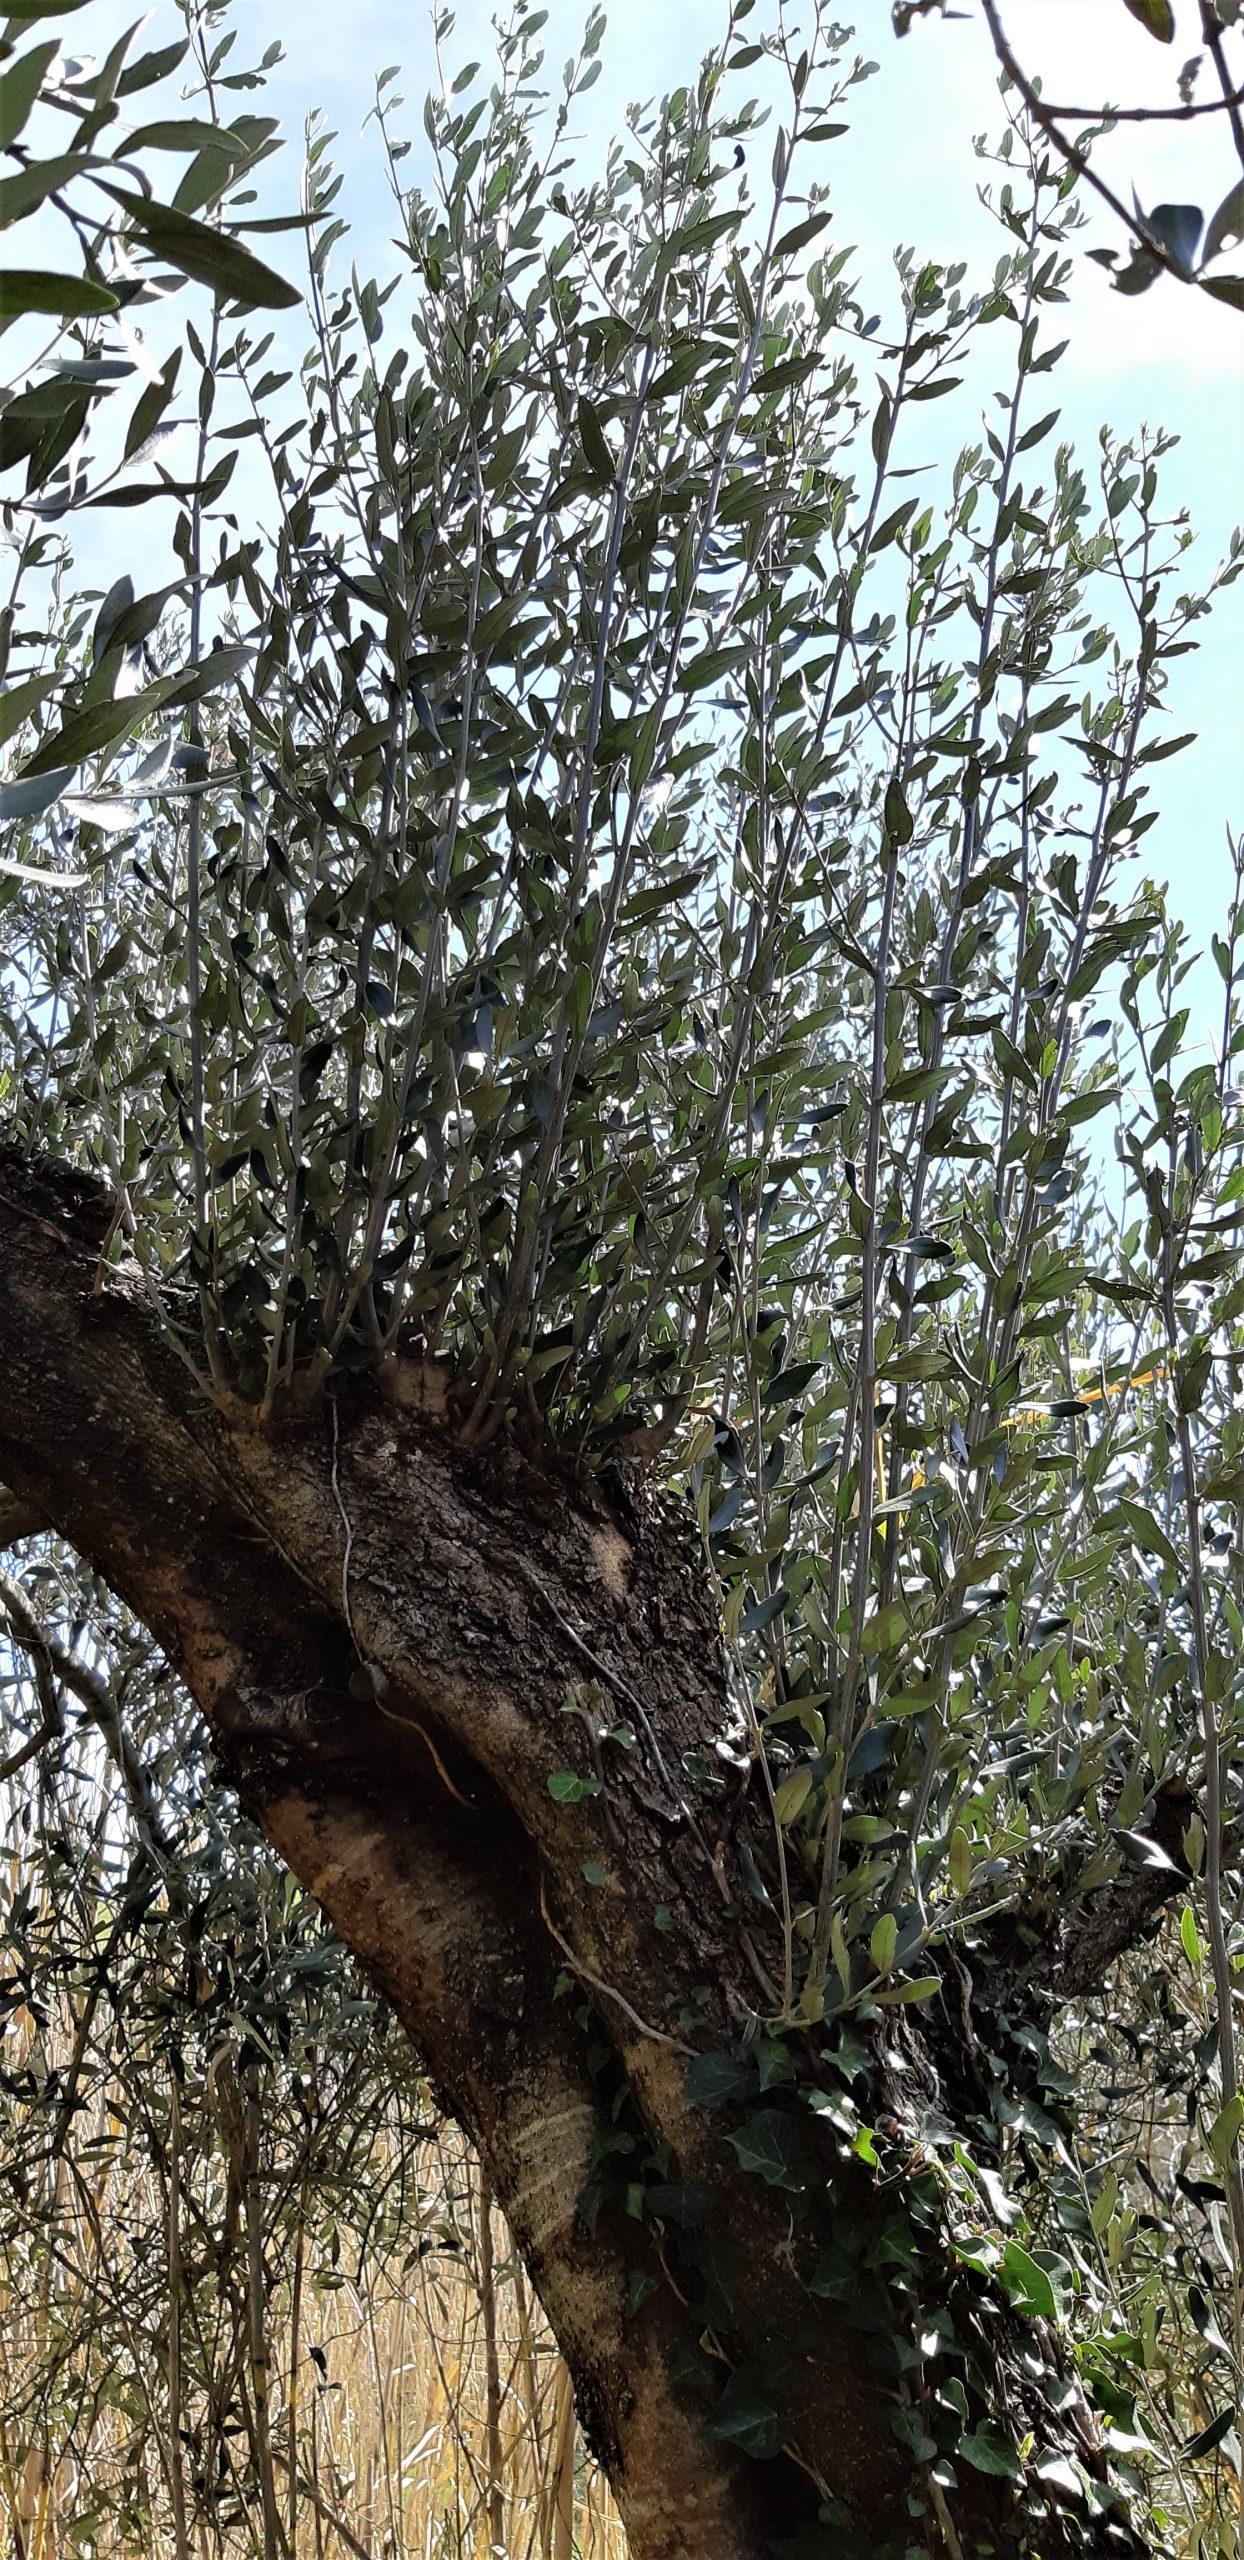 succhioni sul tronco principale di un olivo centenario